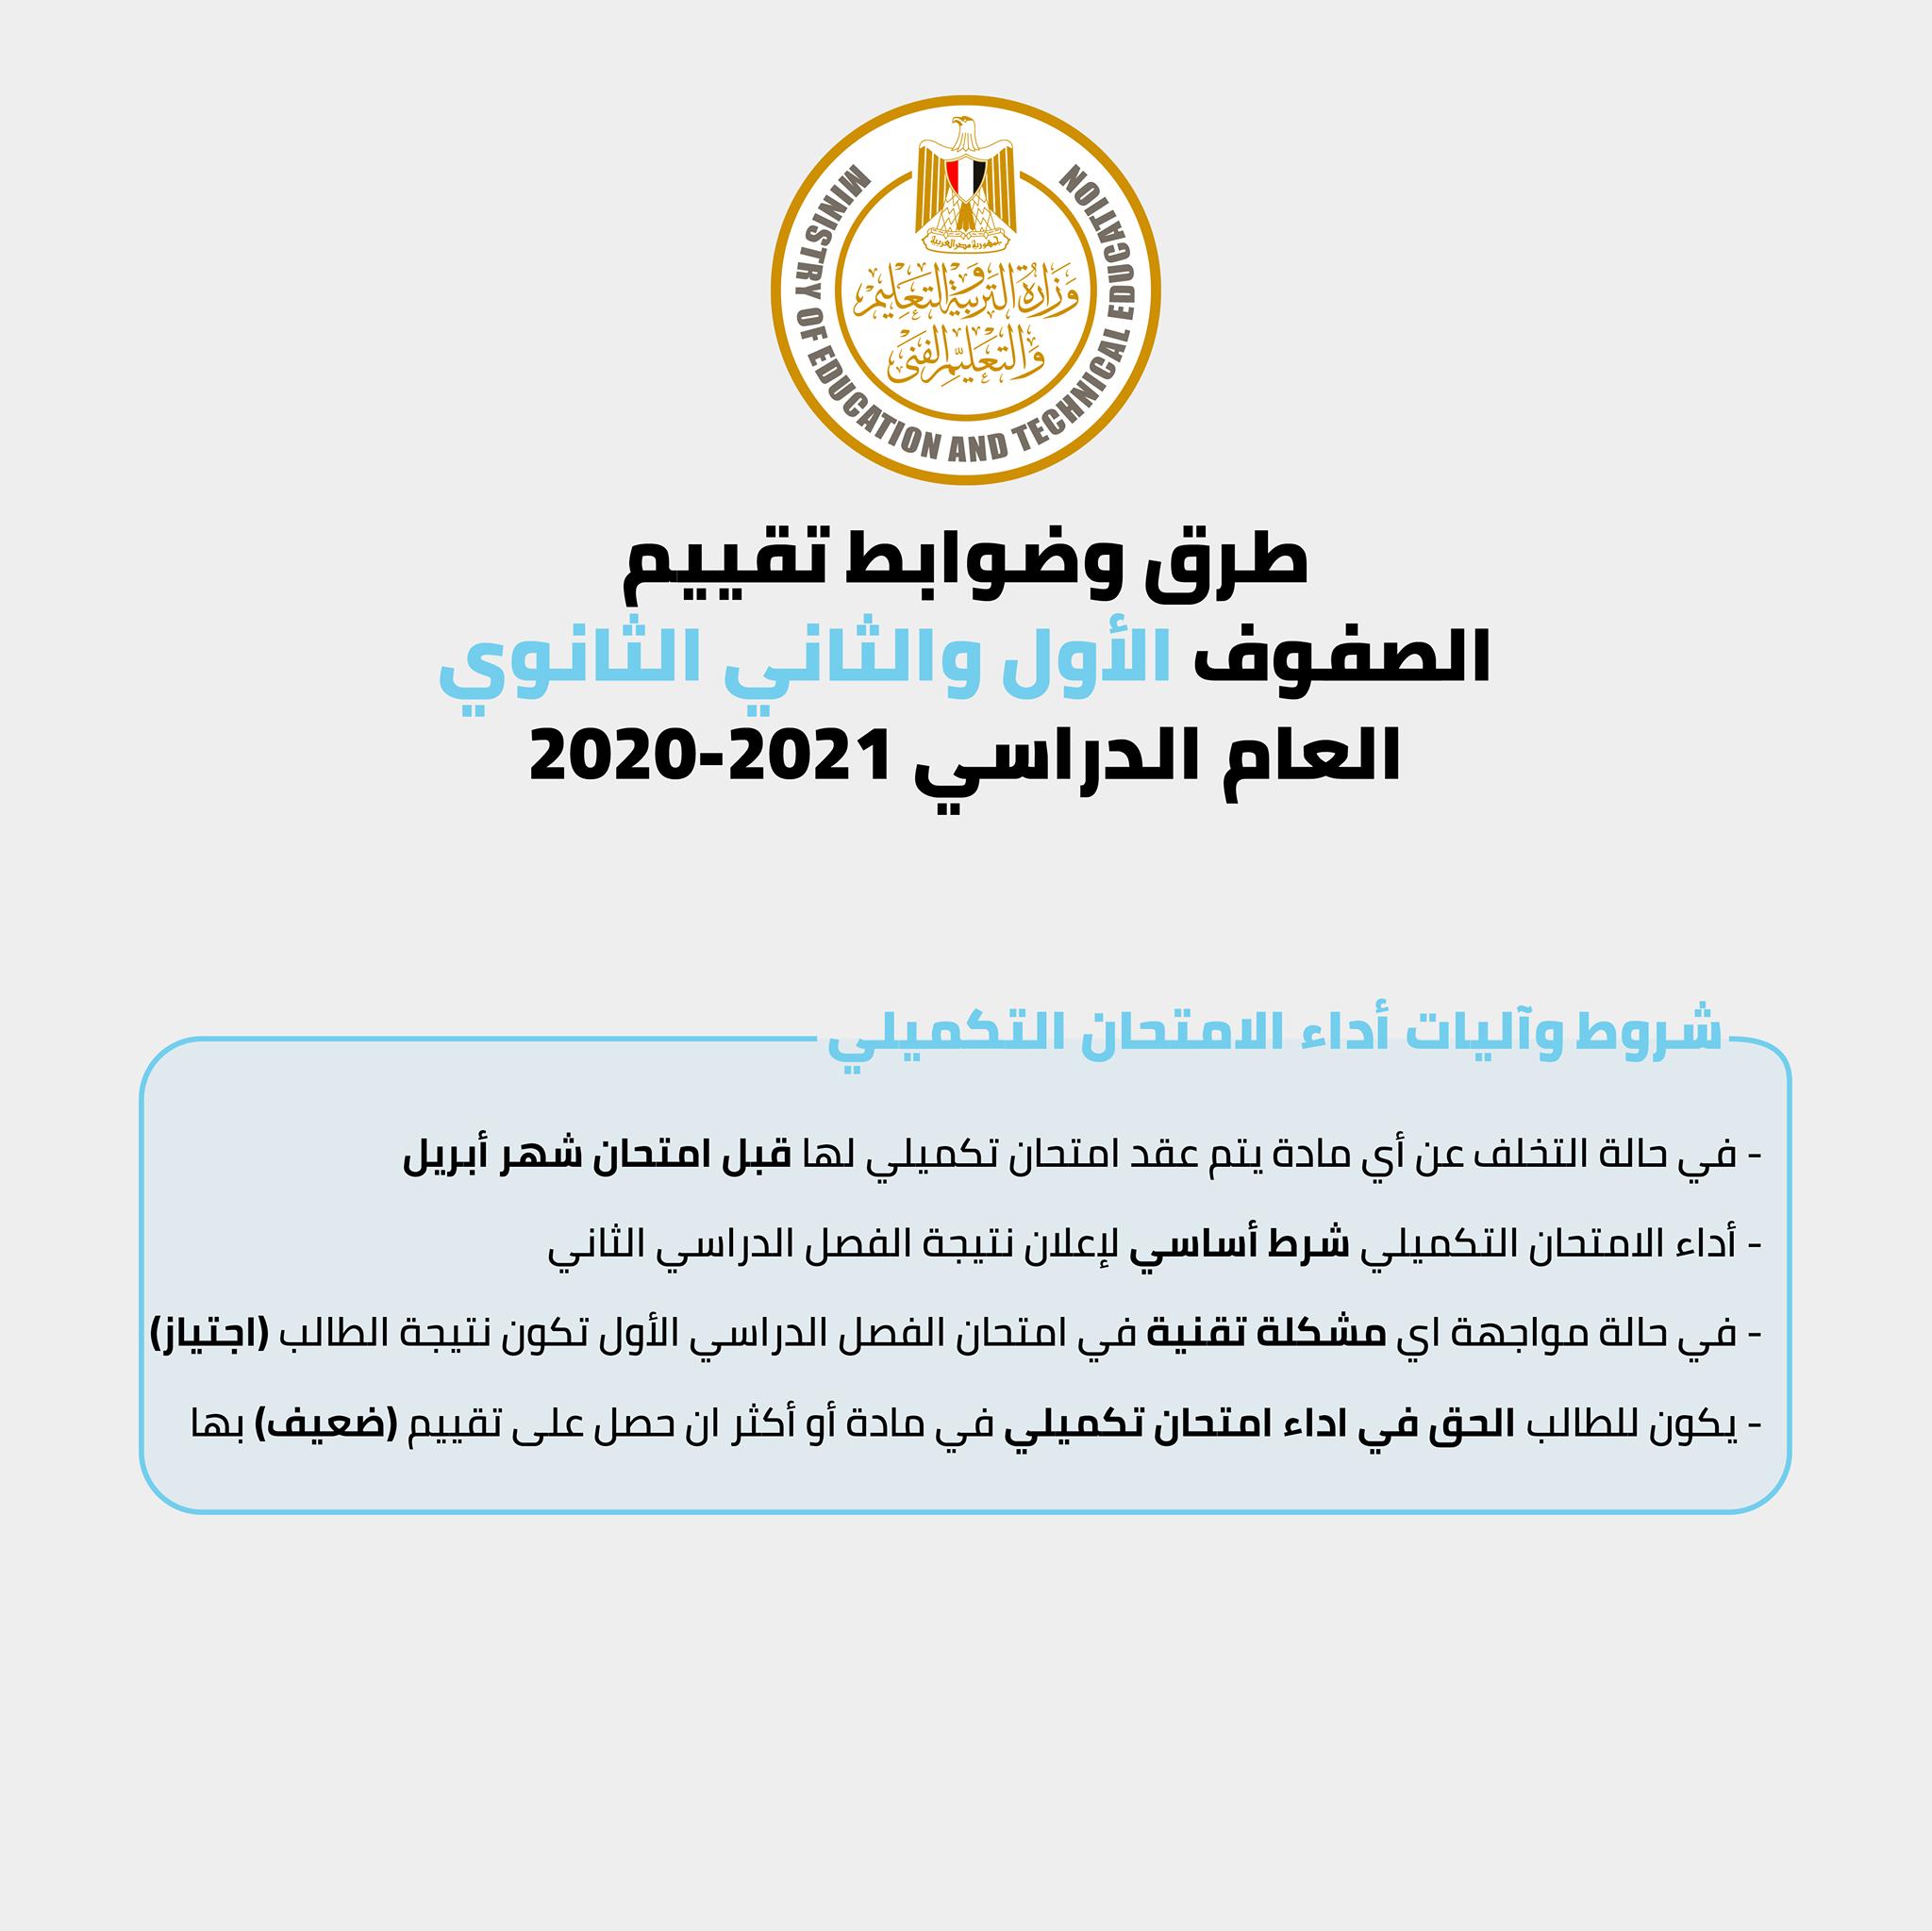 التعليم تعلن طرق وضوابط تقييم طلاب الأول والثاني الثانوي العام للعام الدراسي 2021 3